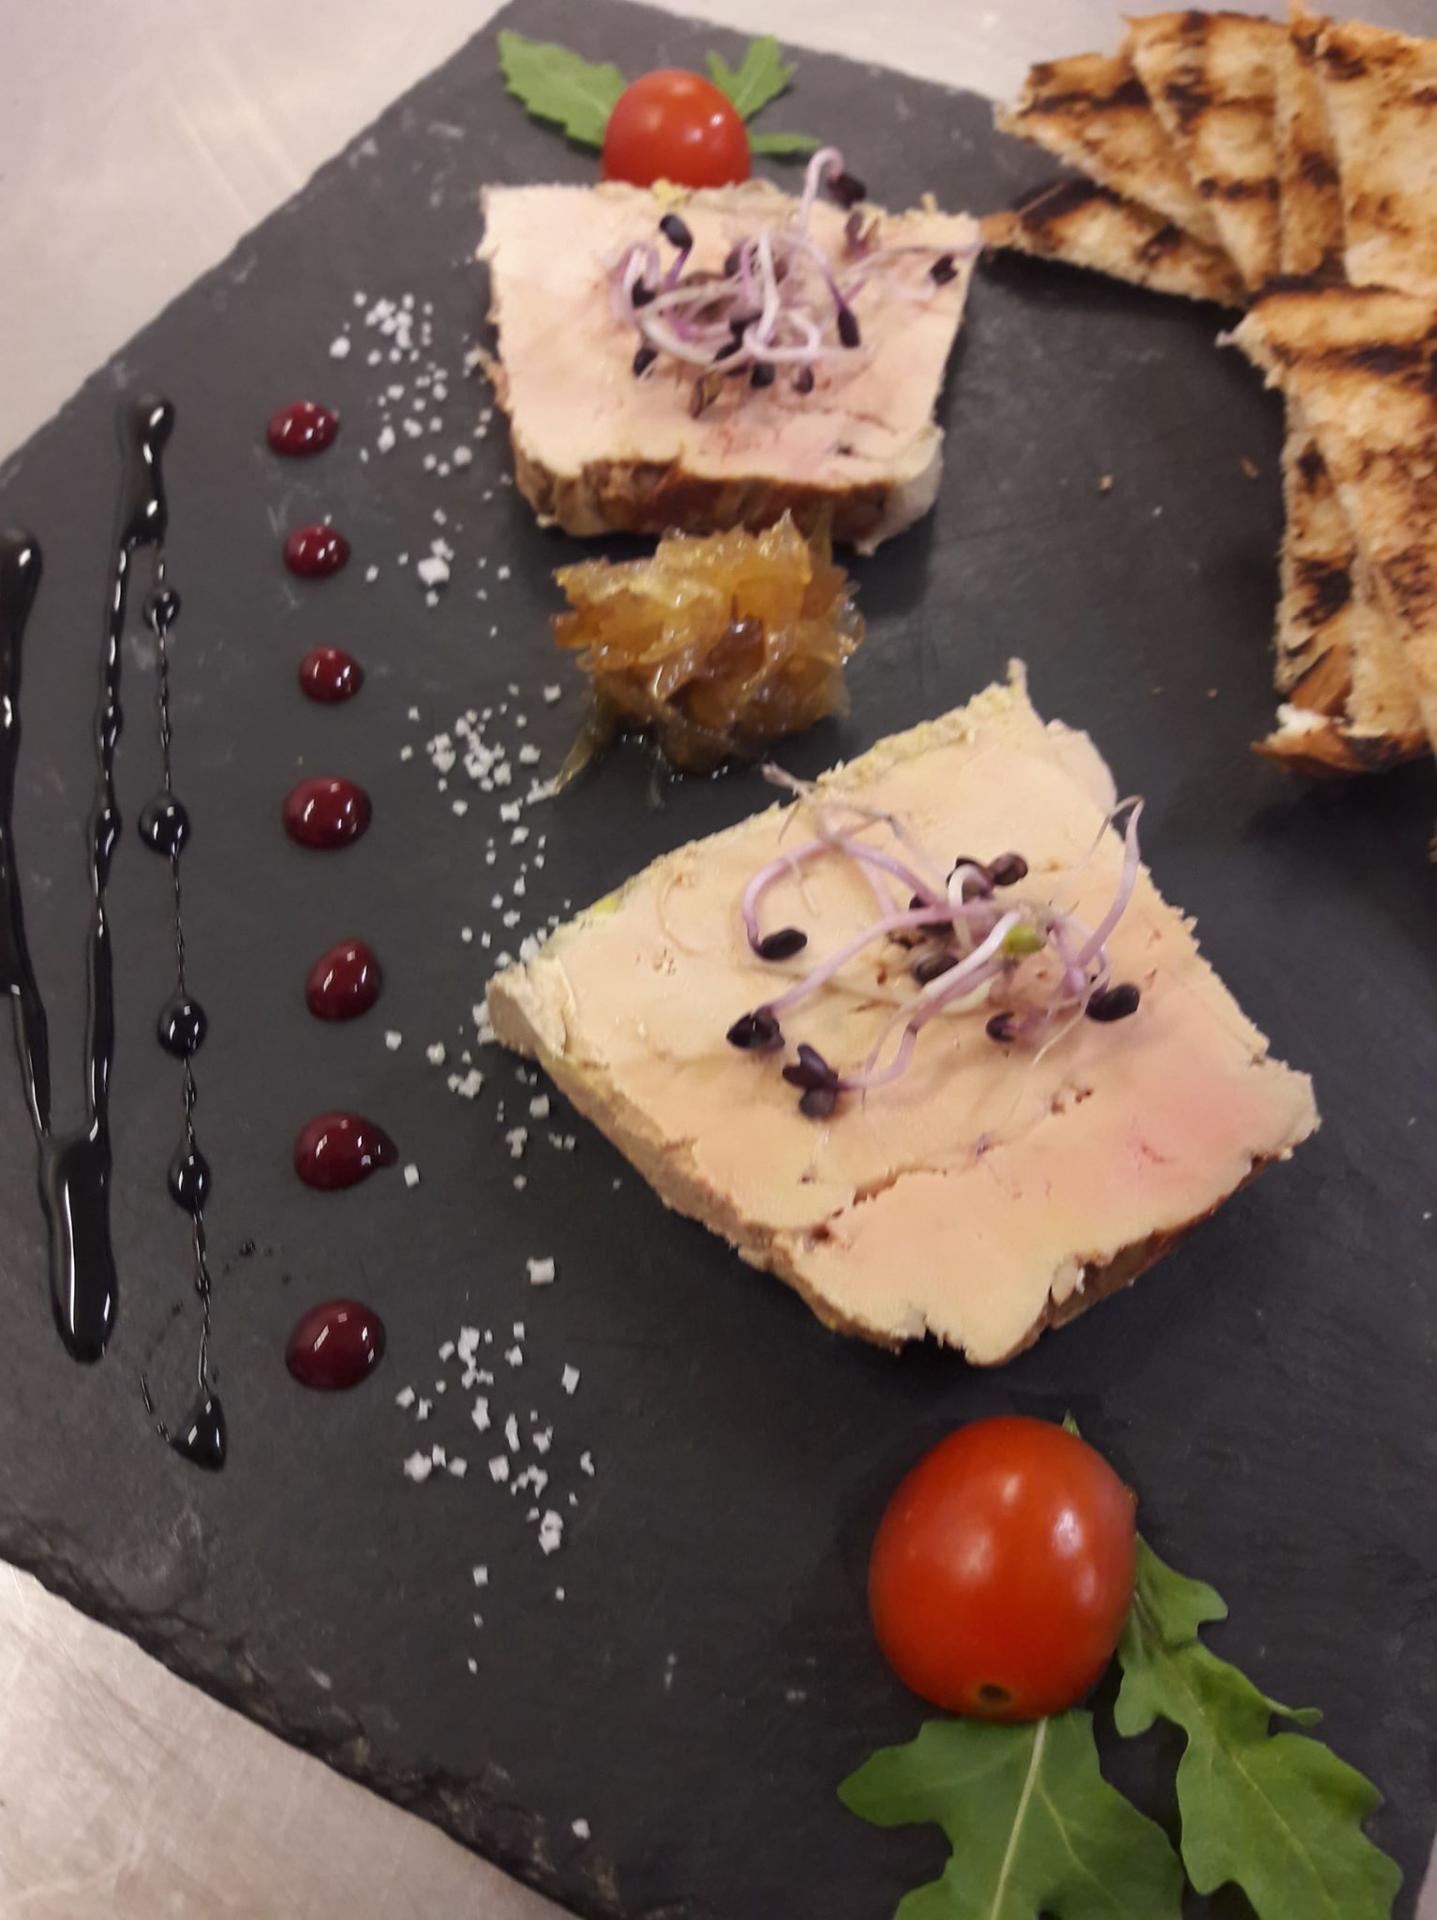 Fois gras maison à la carte